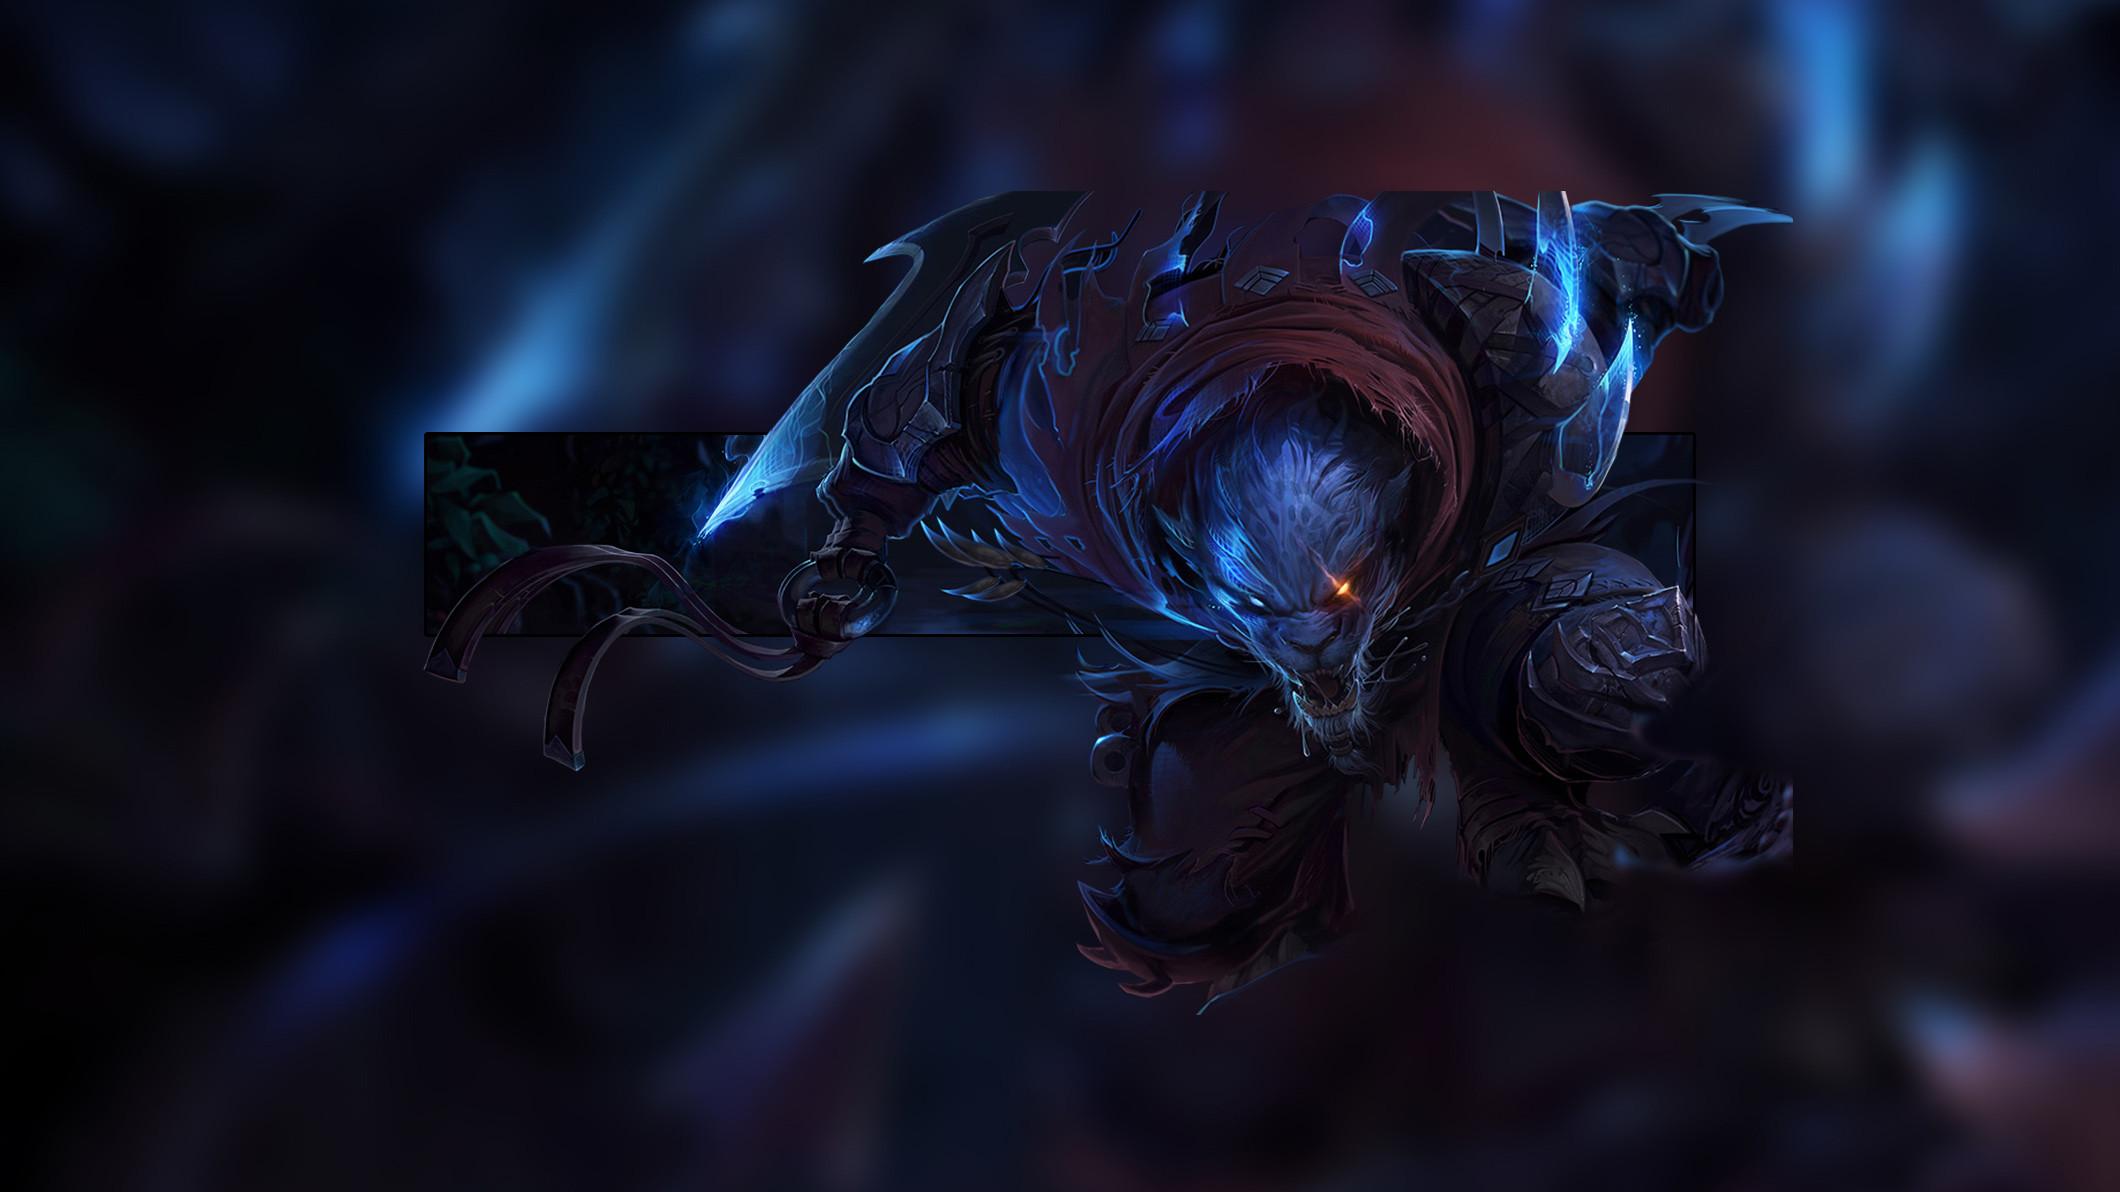 Night Hunter Rengar by Insane HD Wallpaper Fan Artwork League of Legends lol